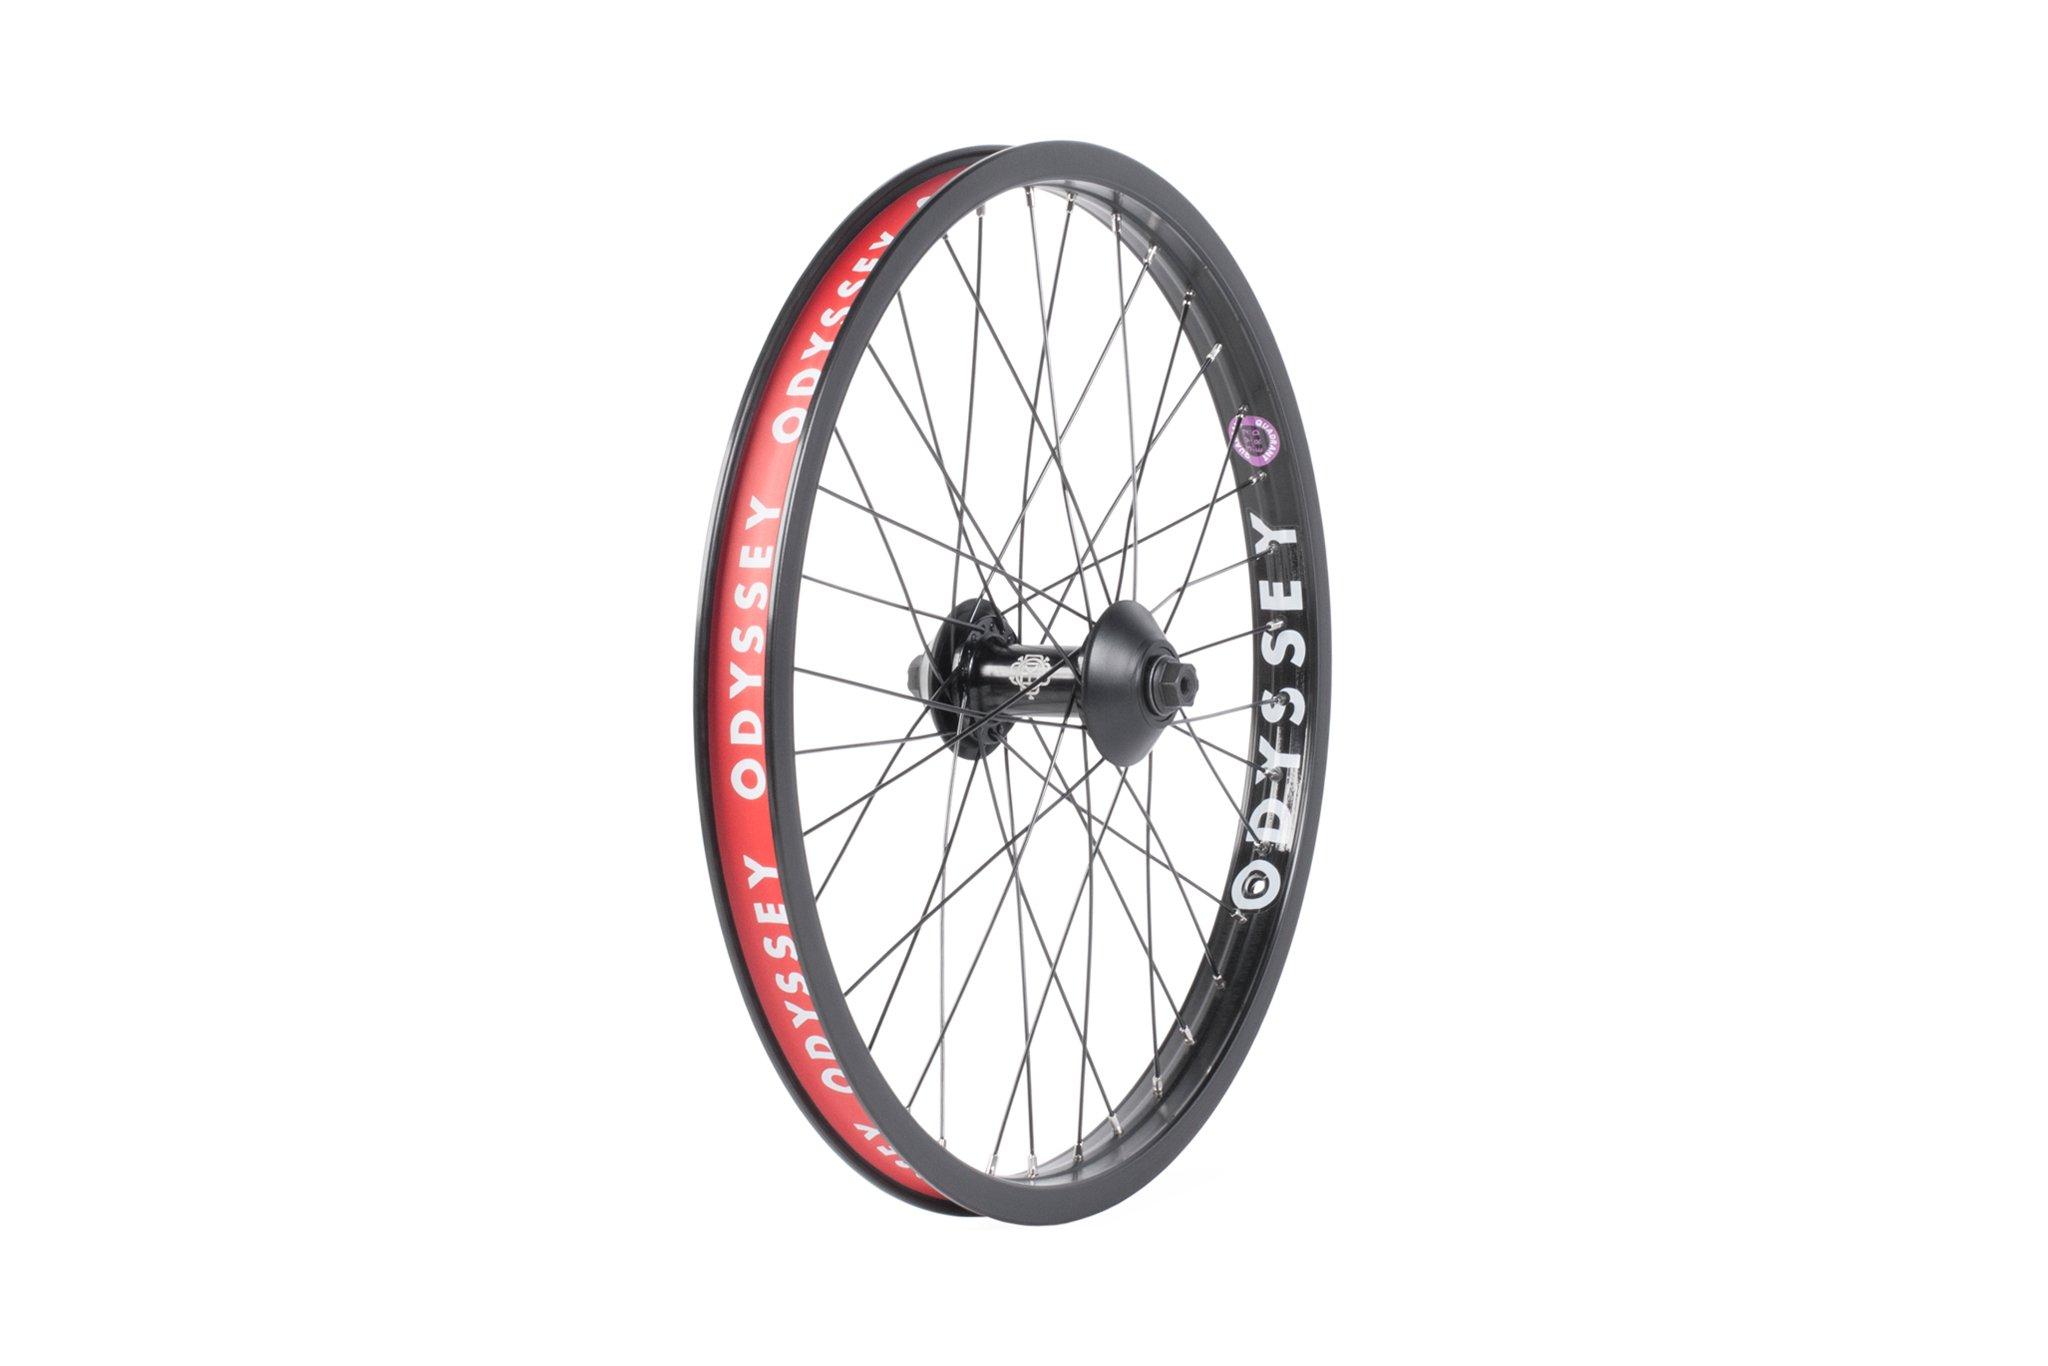 Odyssey BMX Quadrant Front Wheel in schwarz